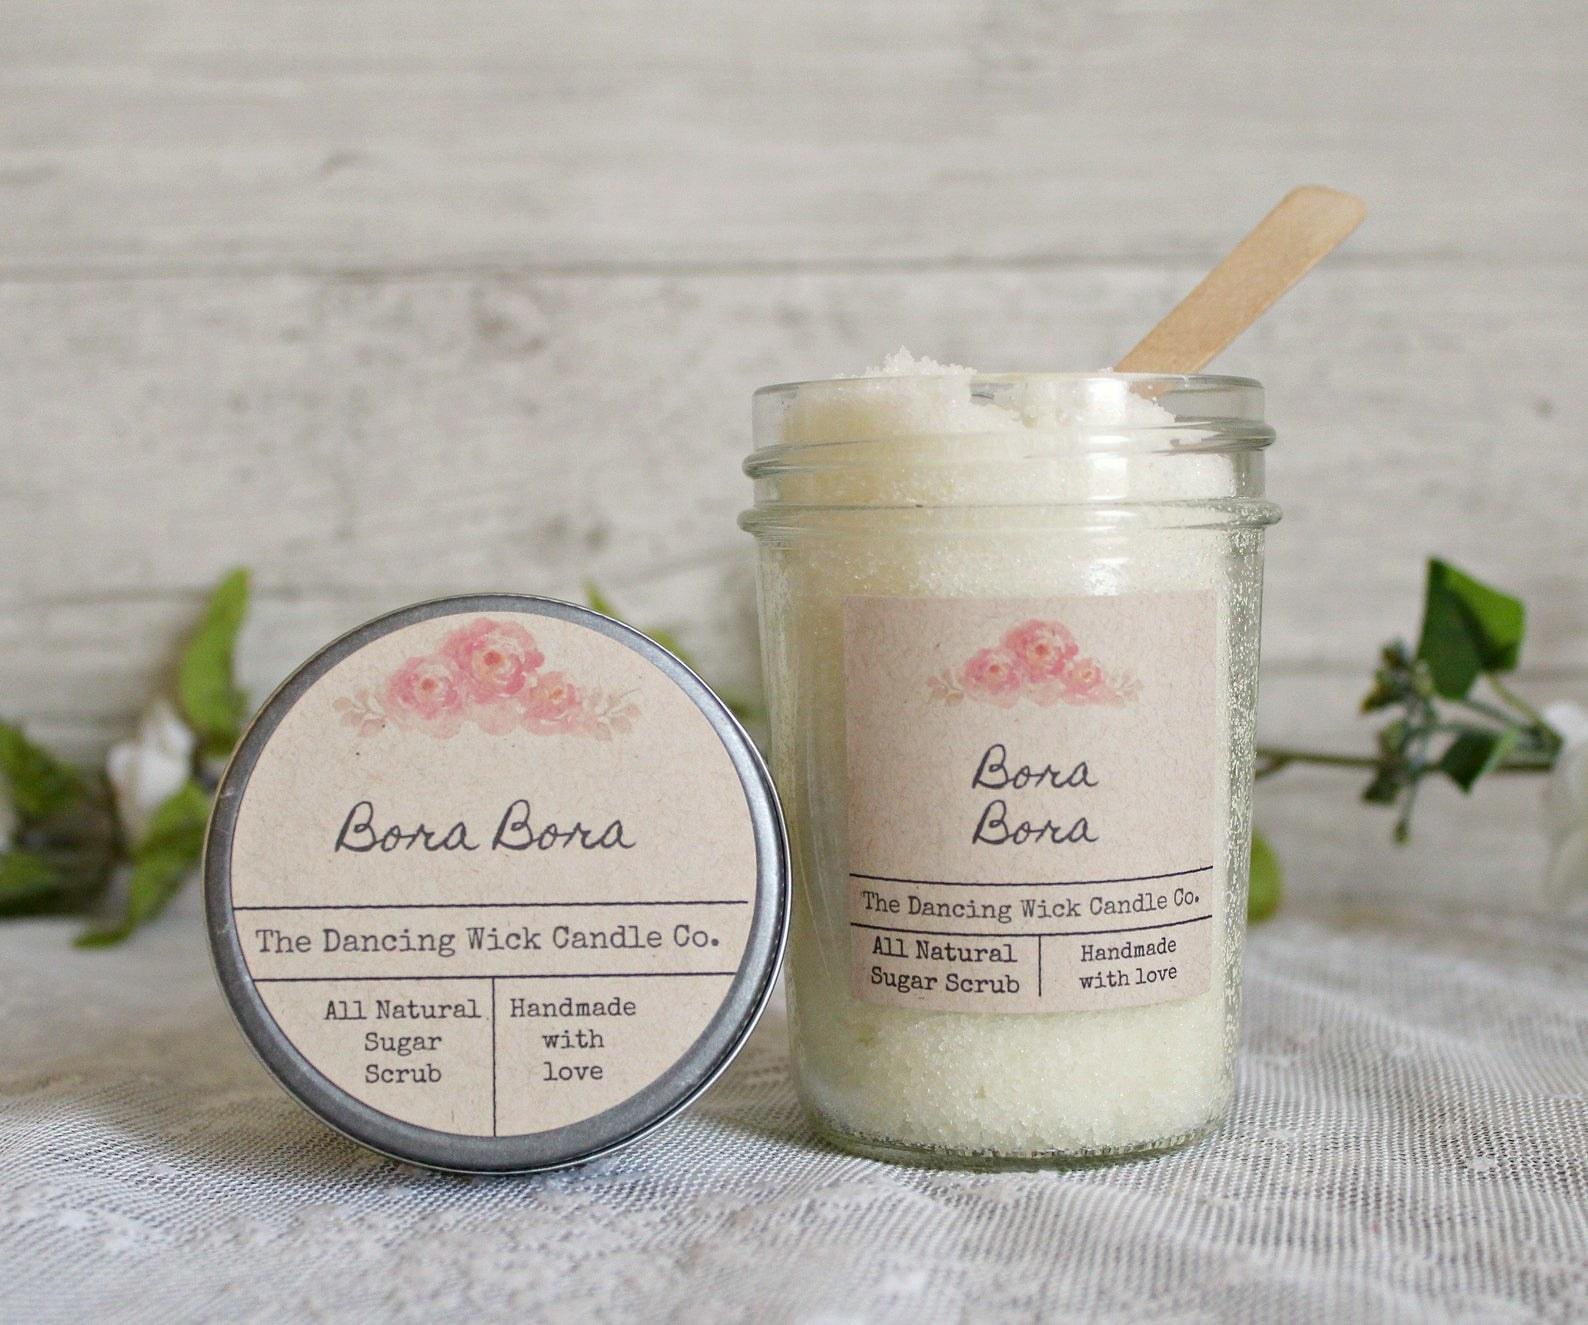 A jar of their Bora Bora scrub